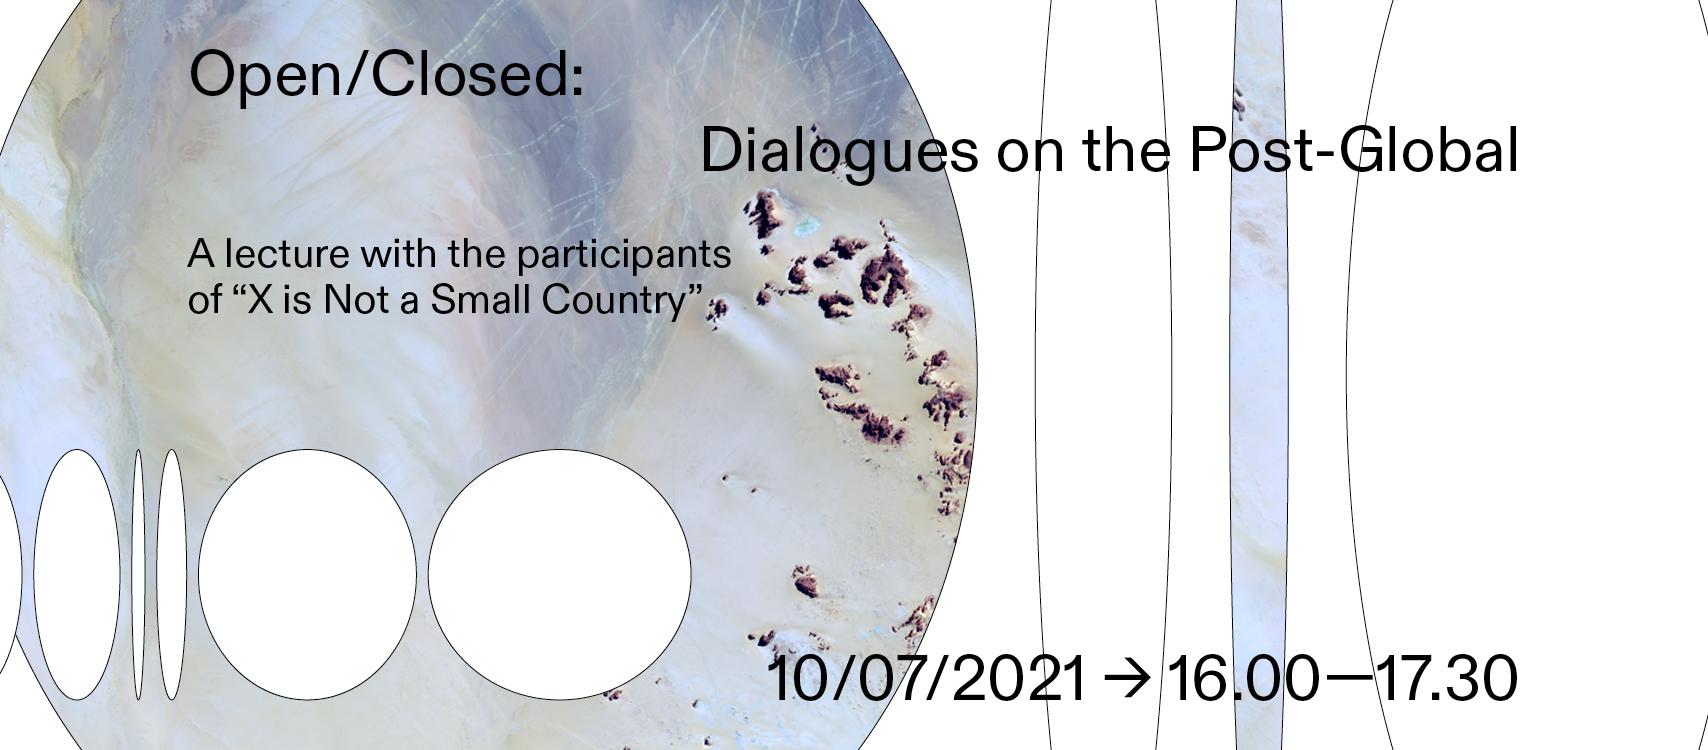 Aberto/Fechado: Diálogos Sobre o Pós-Global